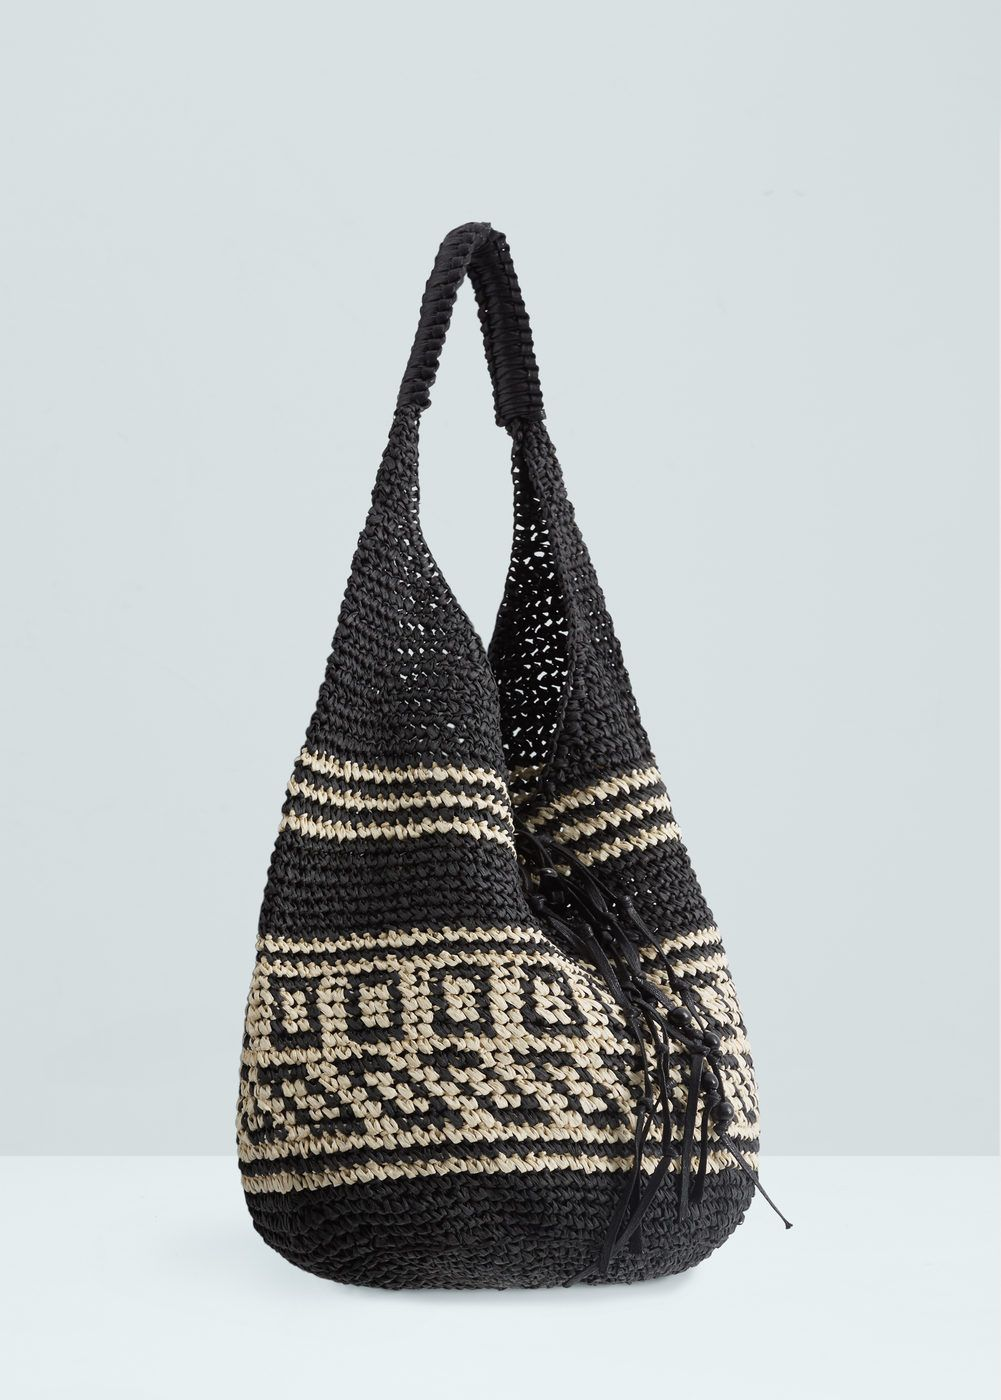 f5024c7e527 Bolso saco paja - Mujer